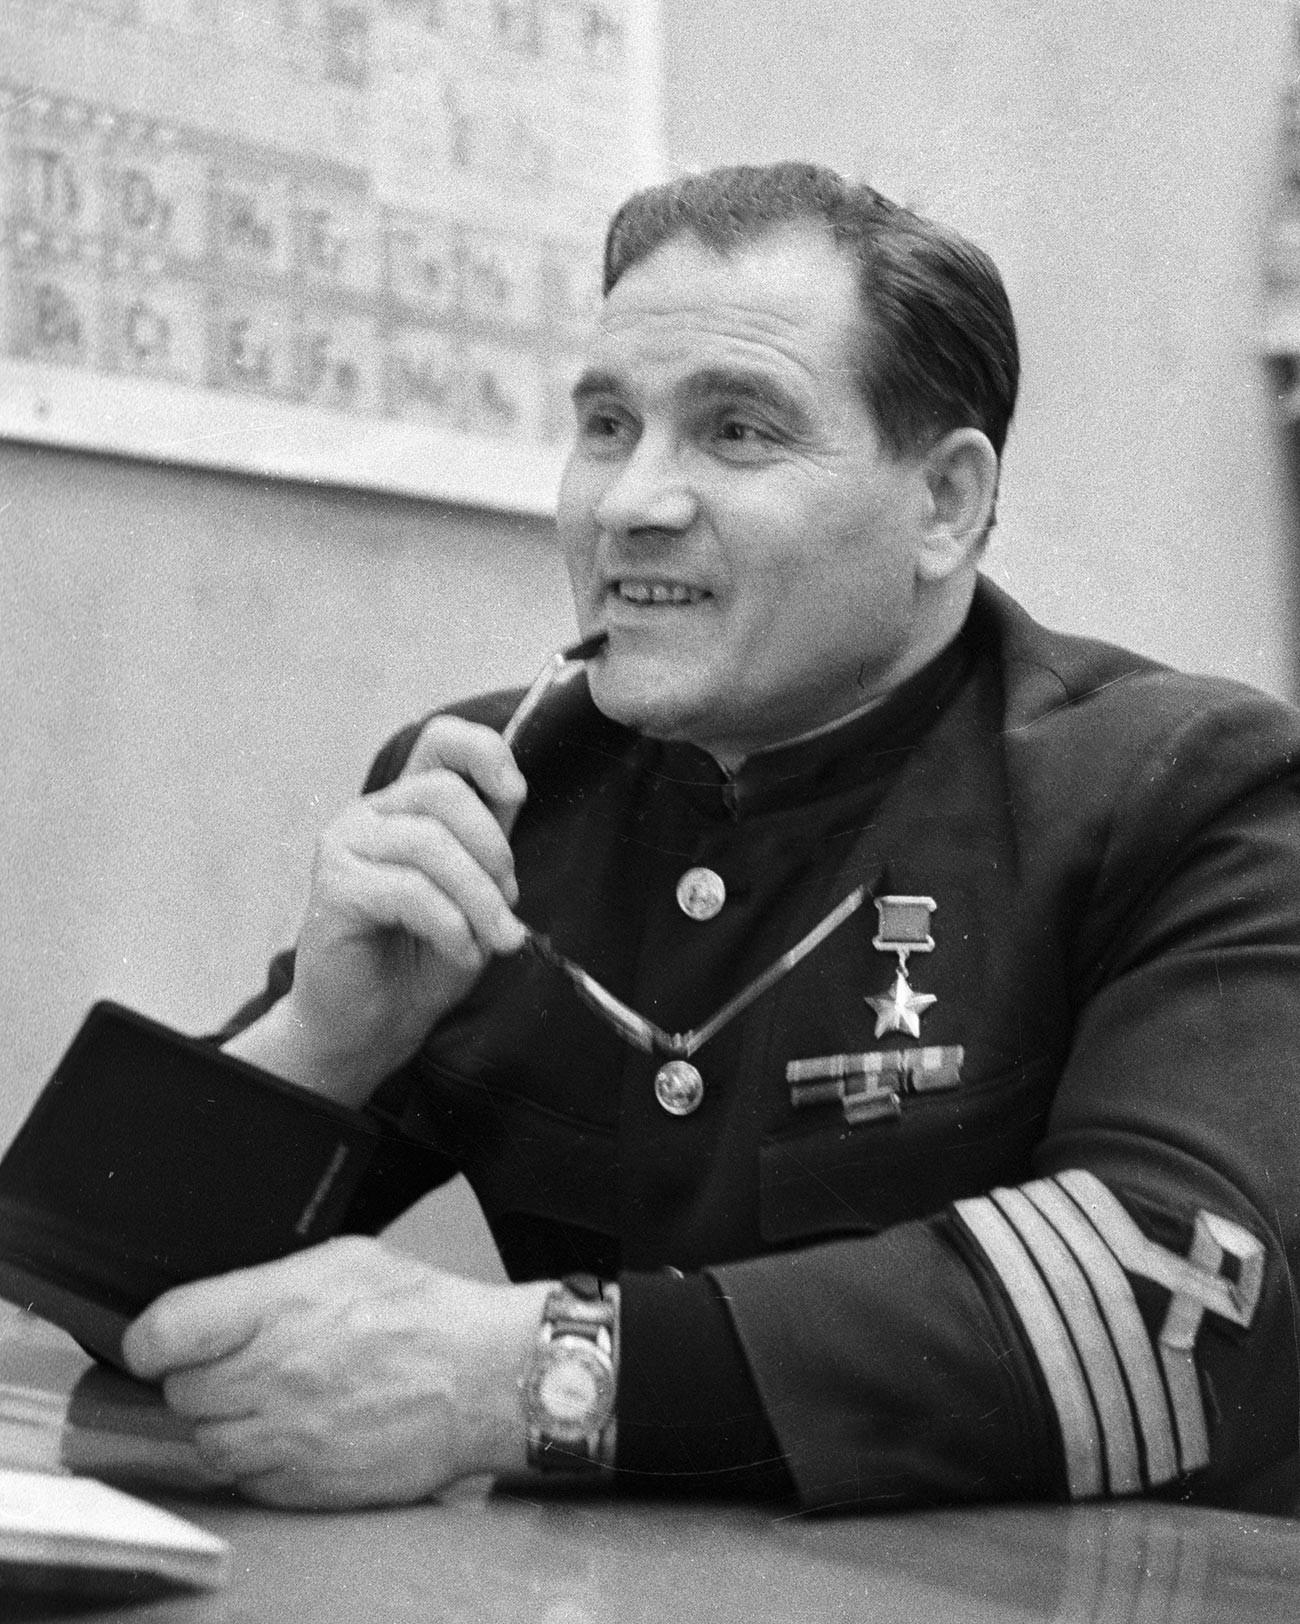 Heroj Sovjetskog Saveza, pilot Mihail Devjatajev